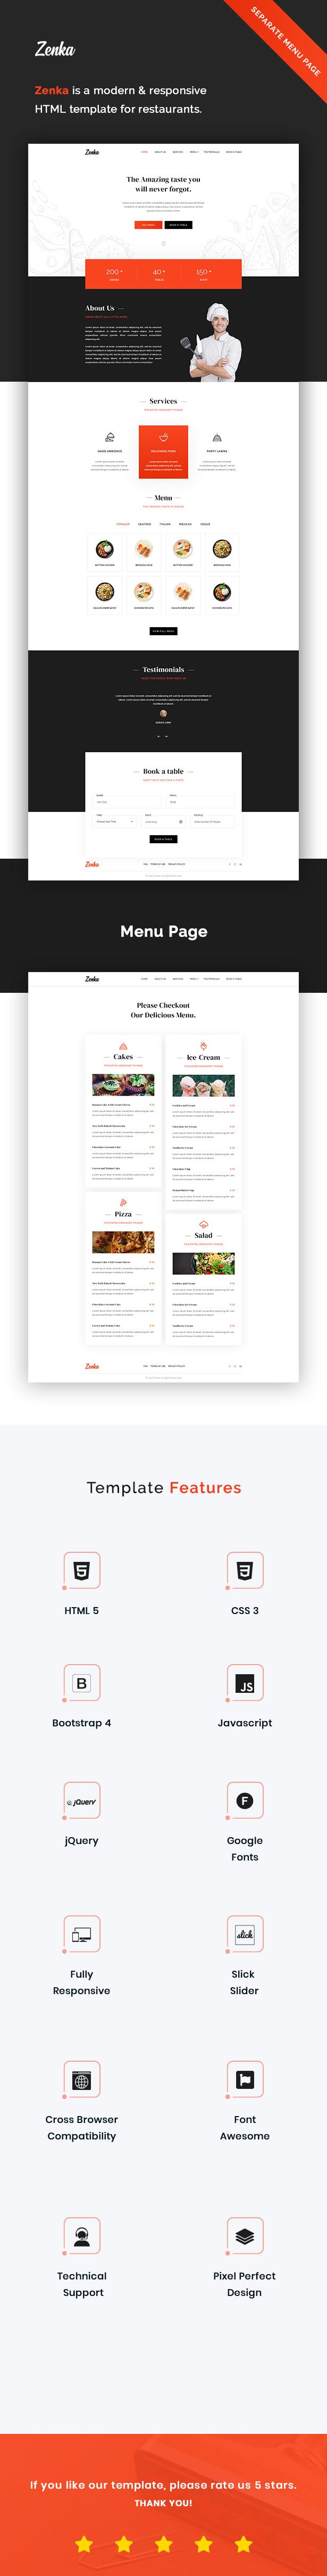 Zenka - Responsive Restaurant HTML Template - 1